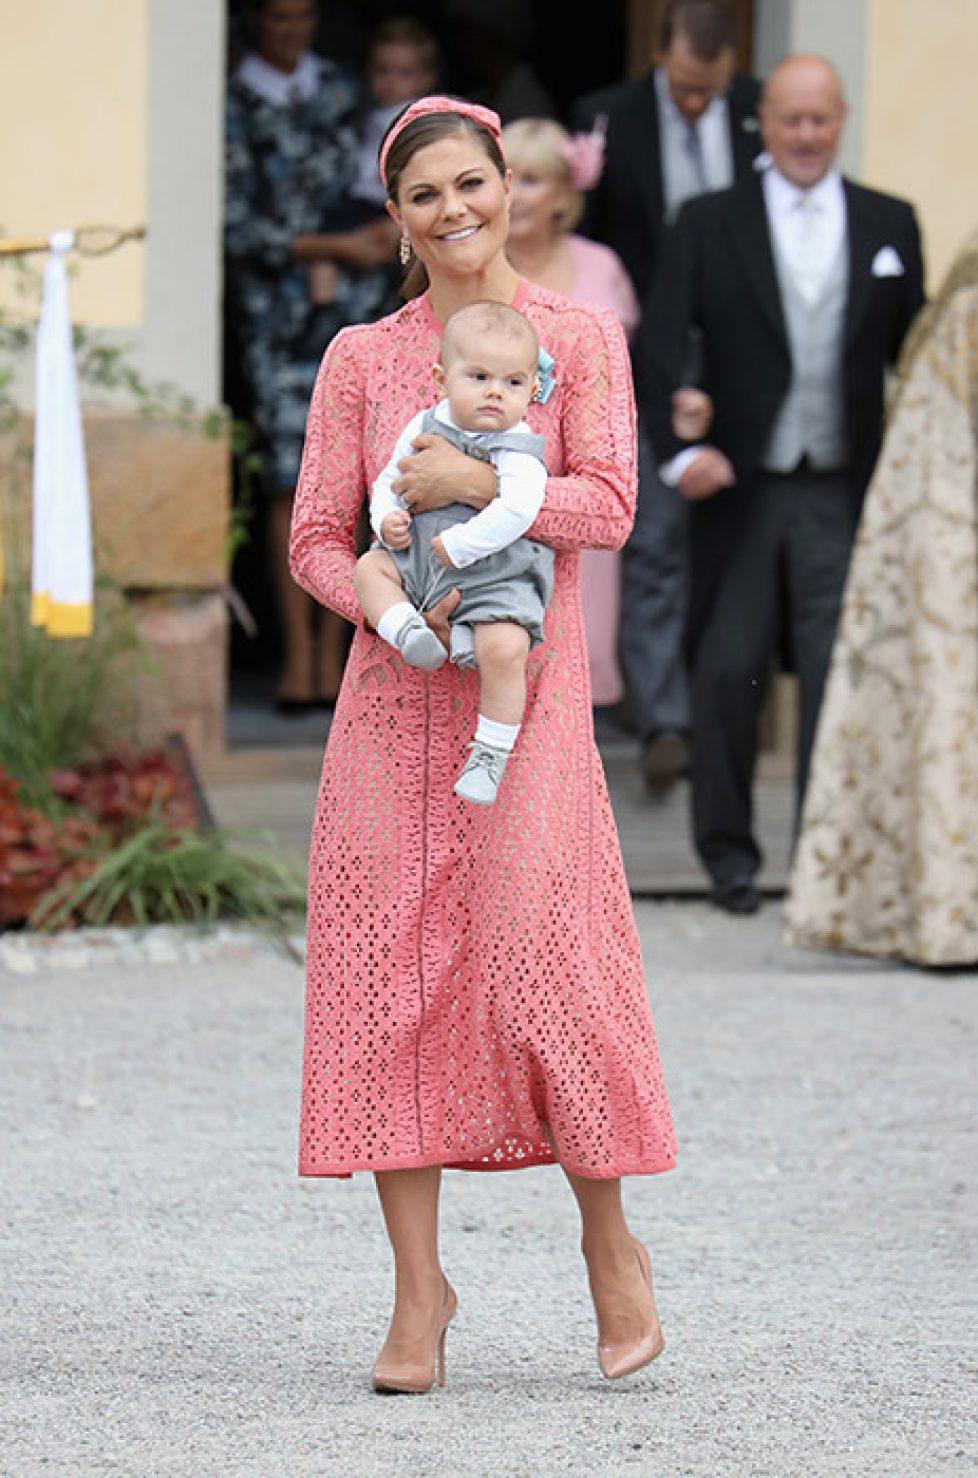 Victoria de Suède et Maxima des Pays-Bas : une robe pour deux